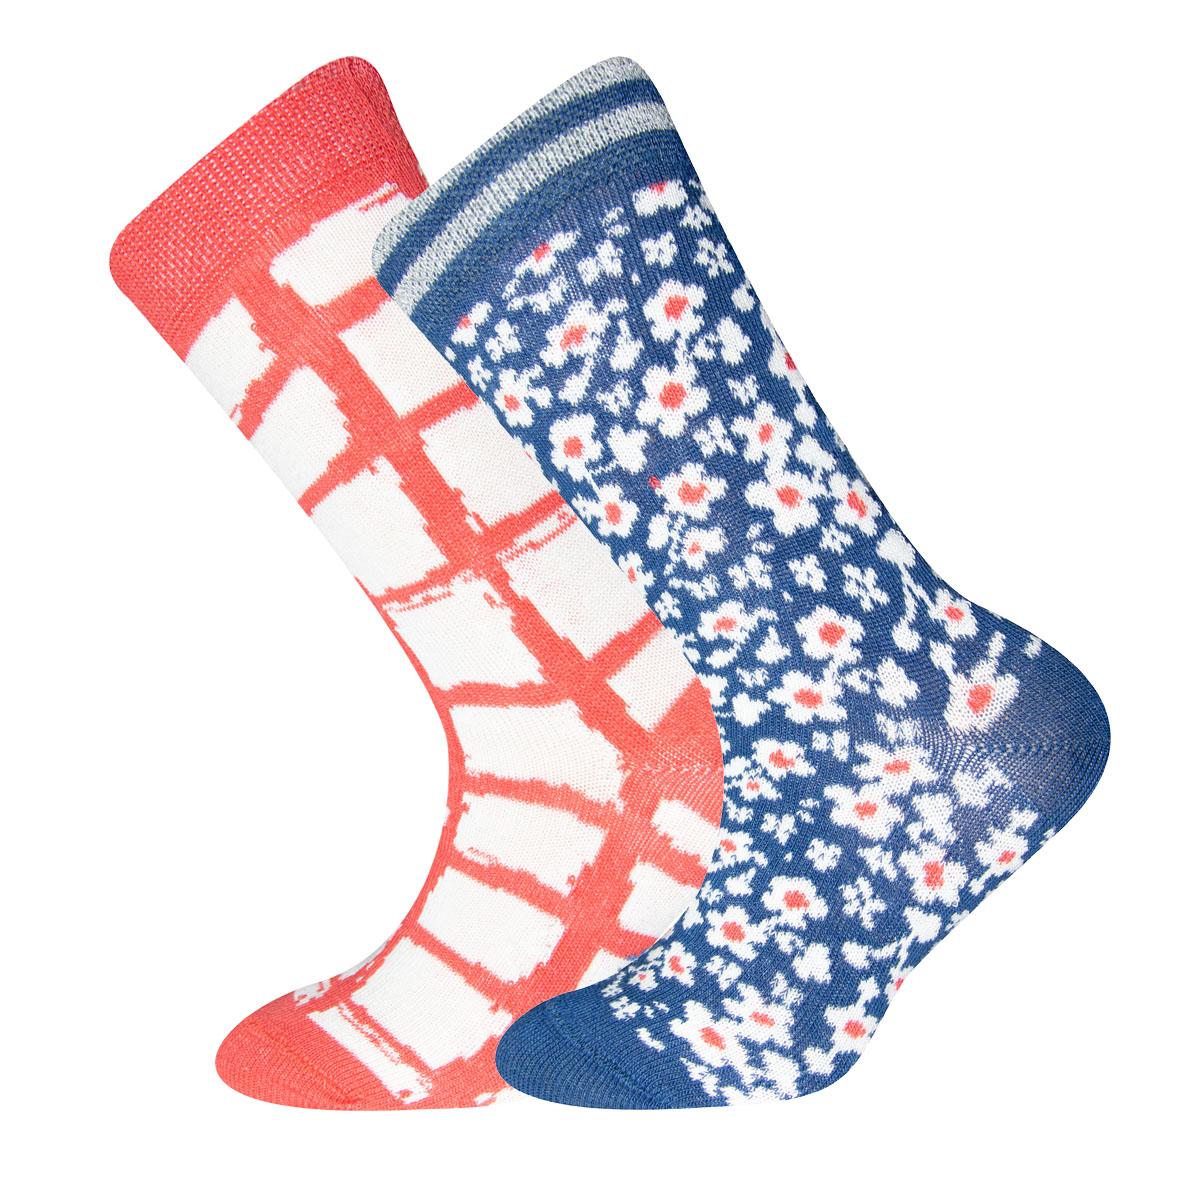 Socken 2er Pack Sanetta Blümchen, Karo , Größe: 27-30